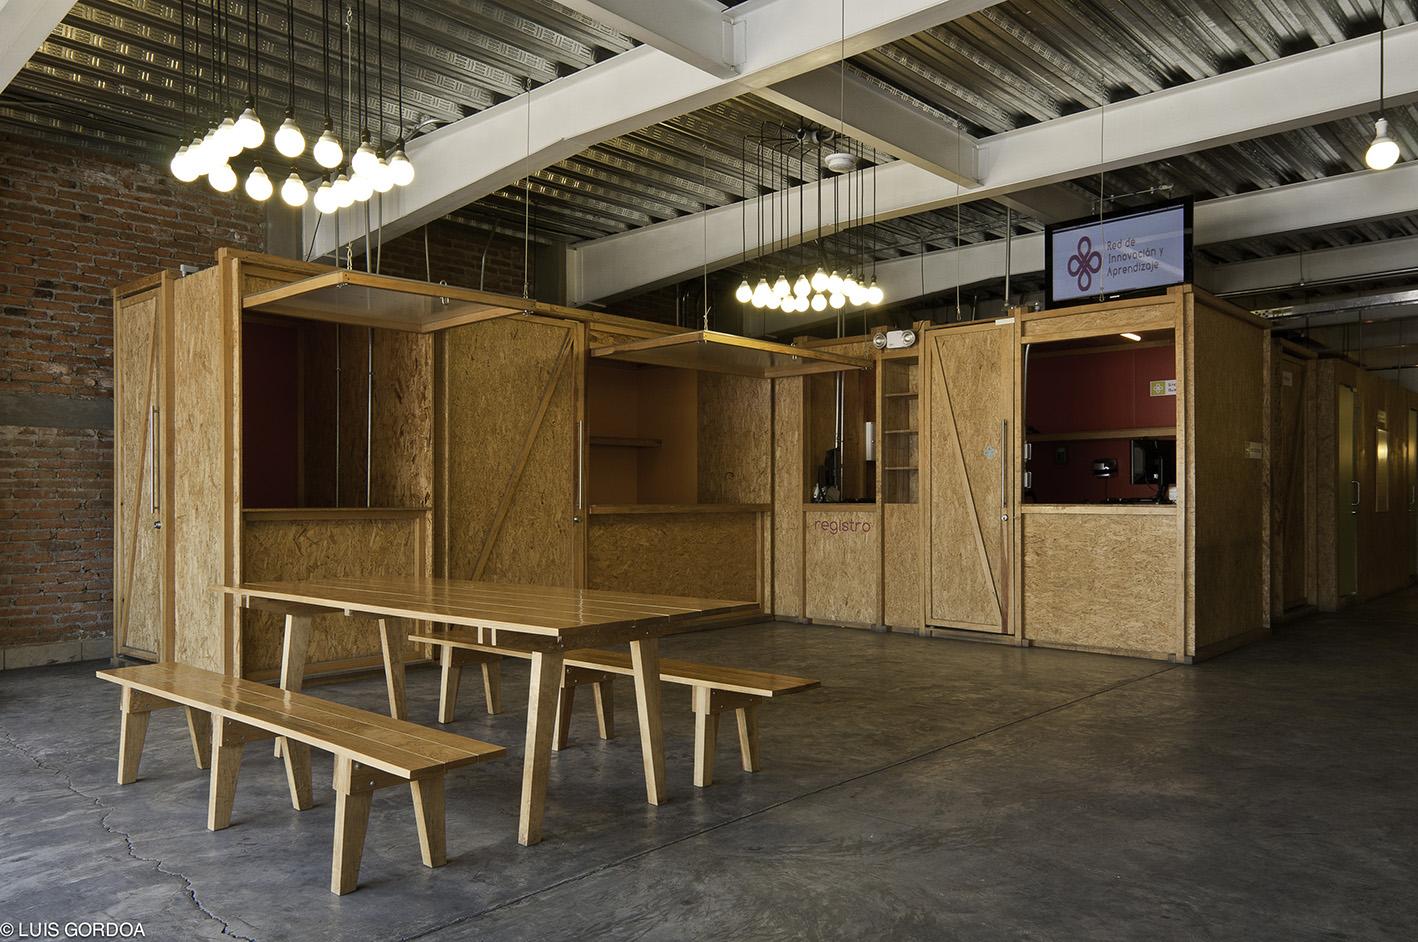 Los servicios básicos de los centros se insertan a contenedores prefabricados cuya estética y funcionalidad se basan en la lógica de los stands de comida que se encuentran en los alrededores de los centros.